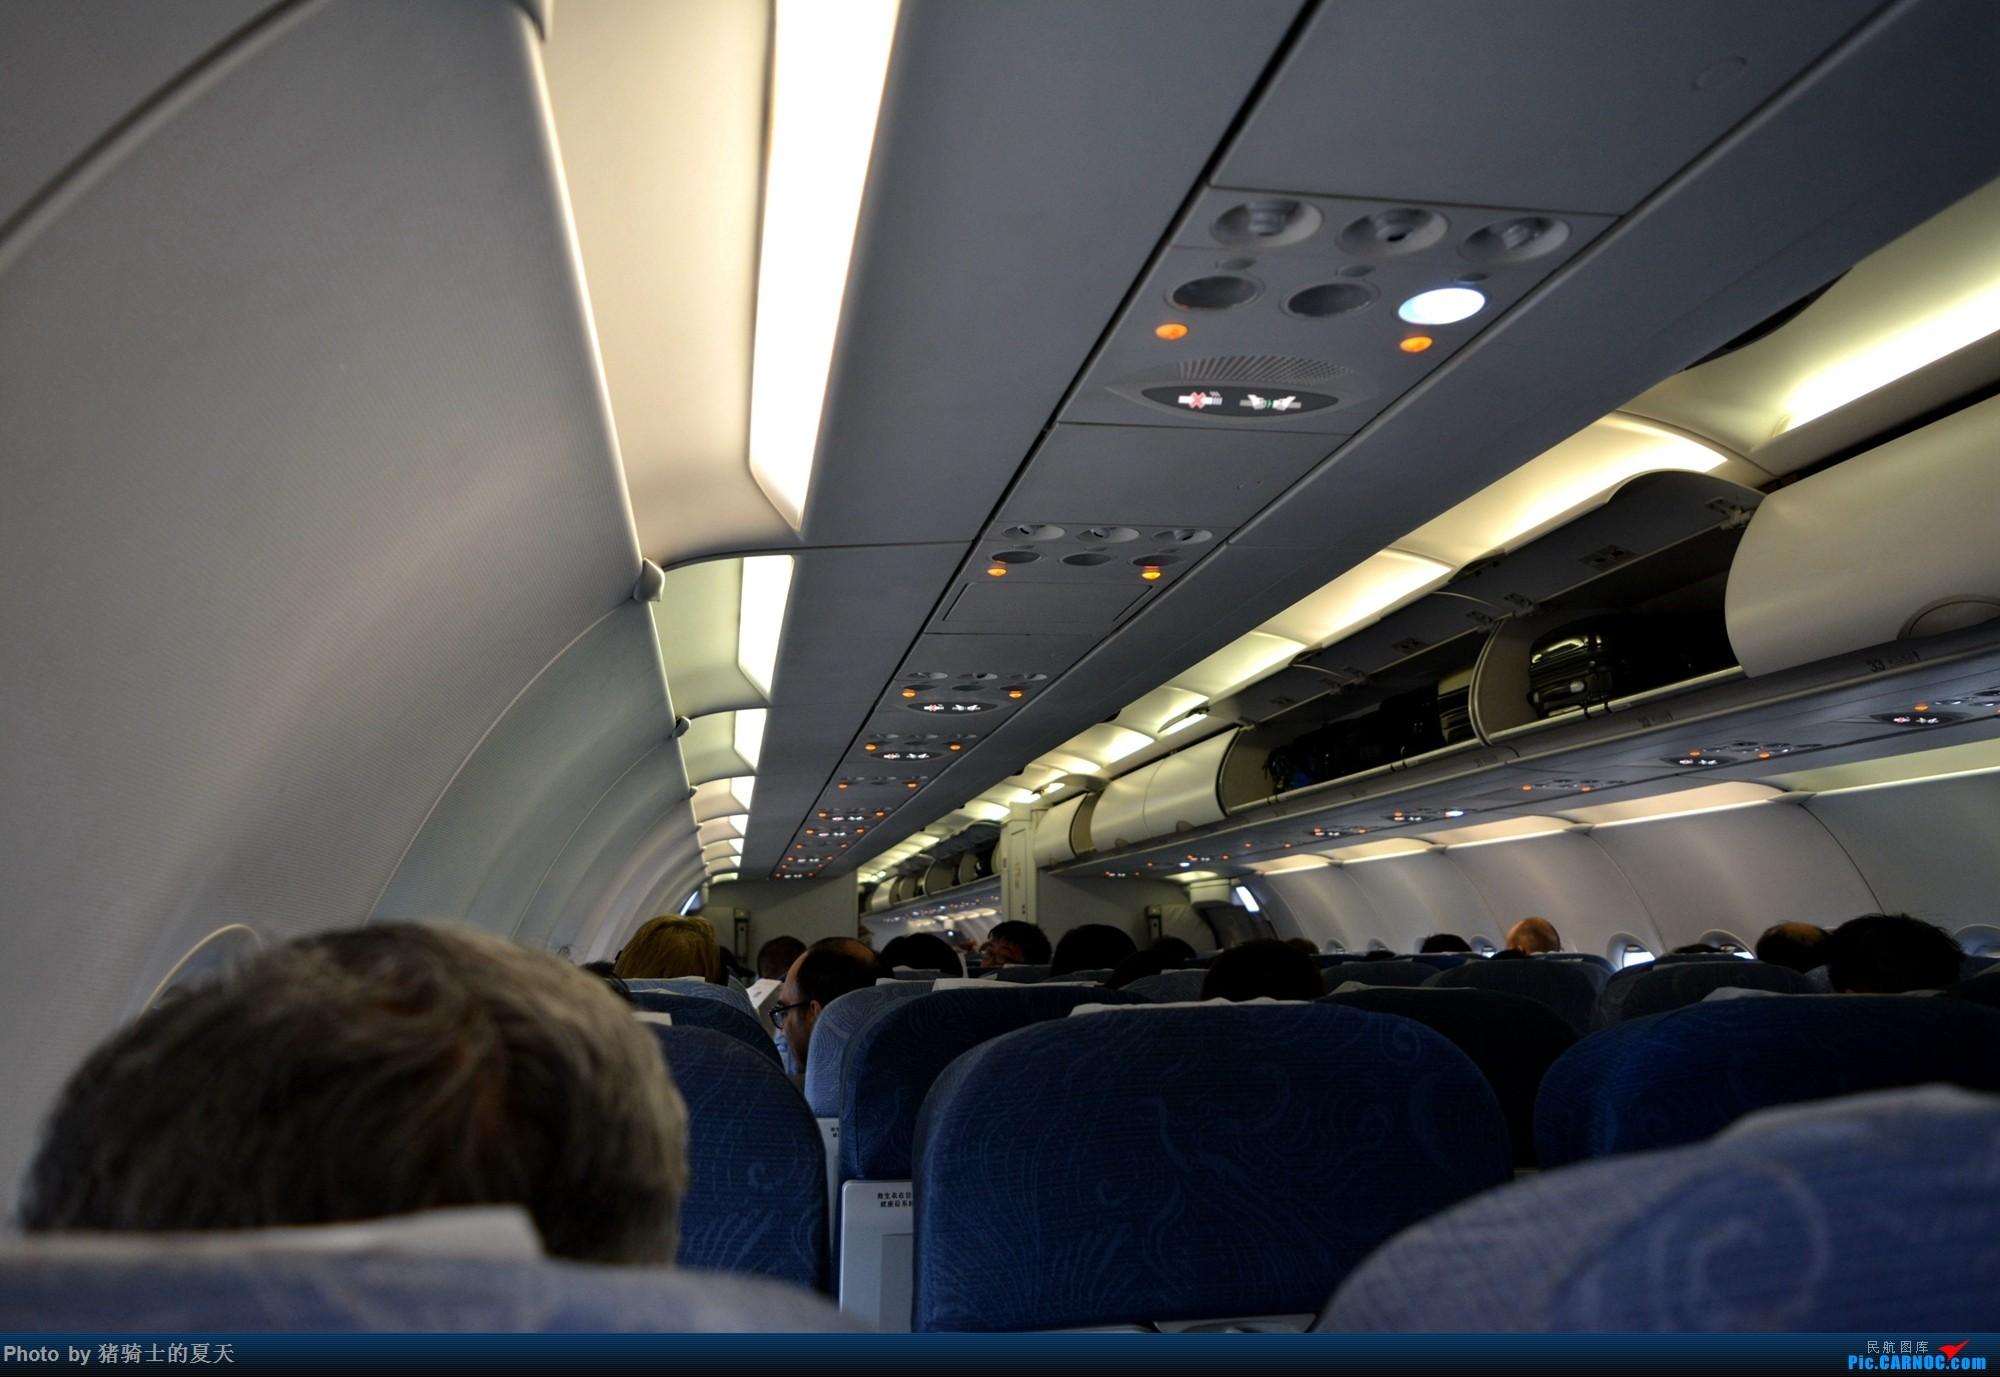 Re:[原创]2017年鸡鸭图 AIRBUS A321-200 B-6605 中国北京首都国际机场